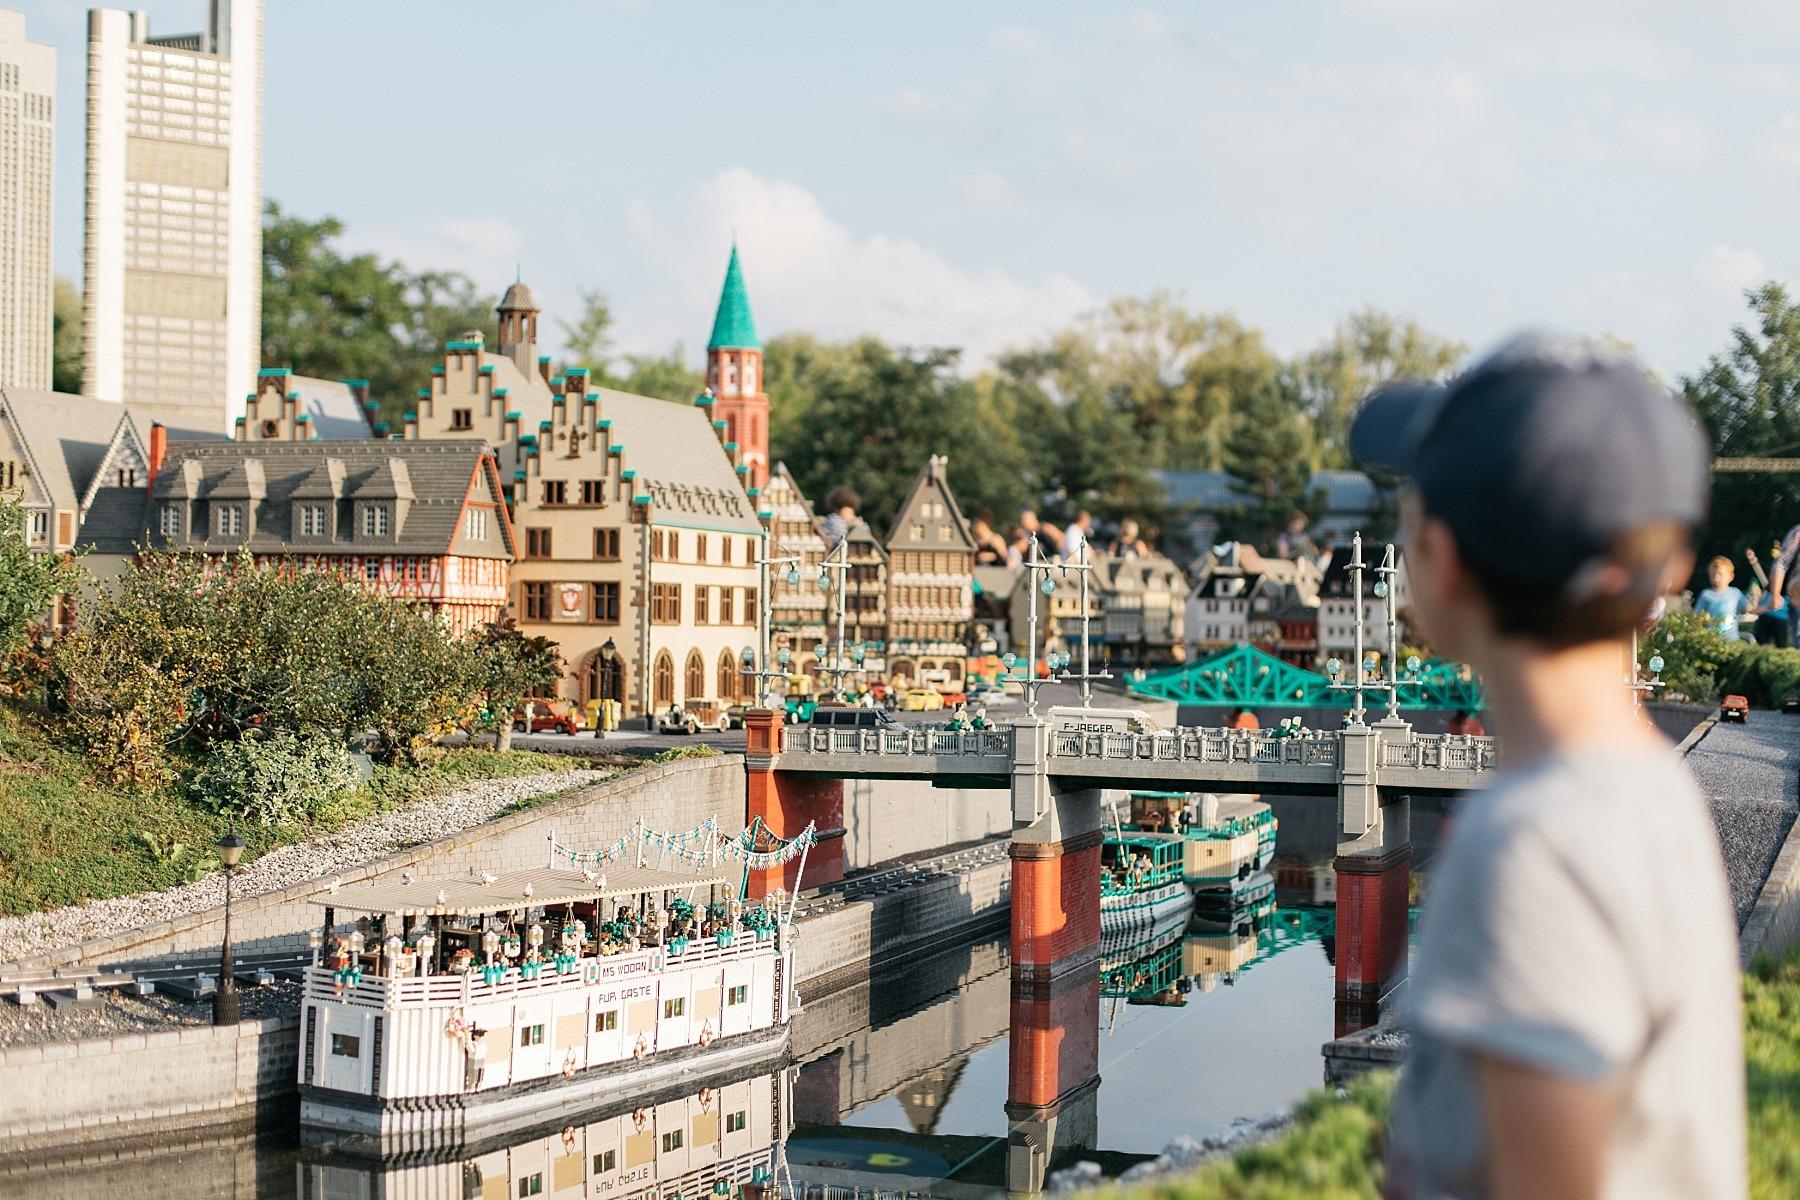 Legoland - 57 millions de briques Lego 23